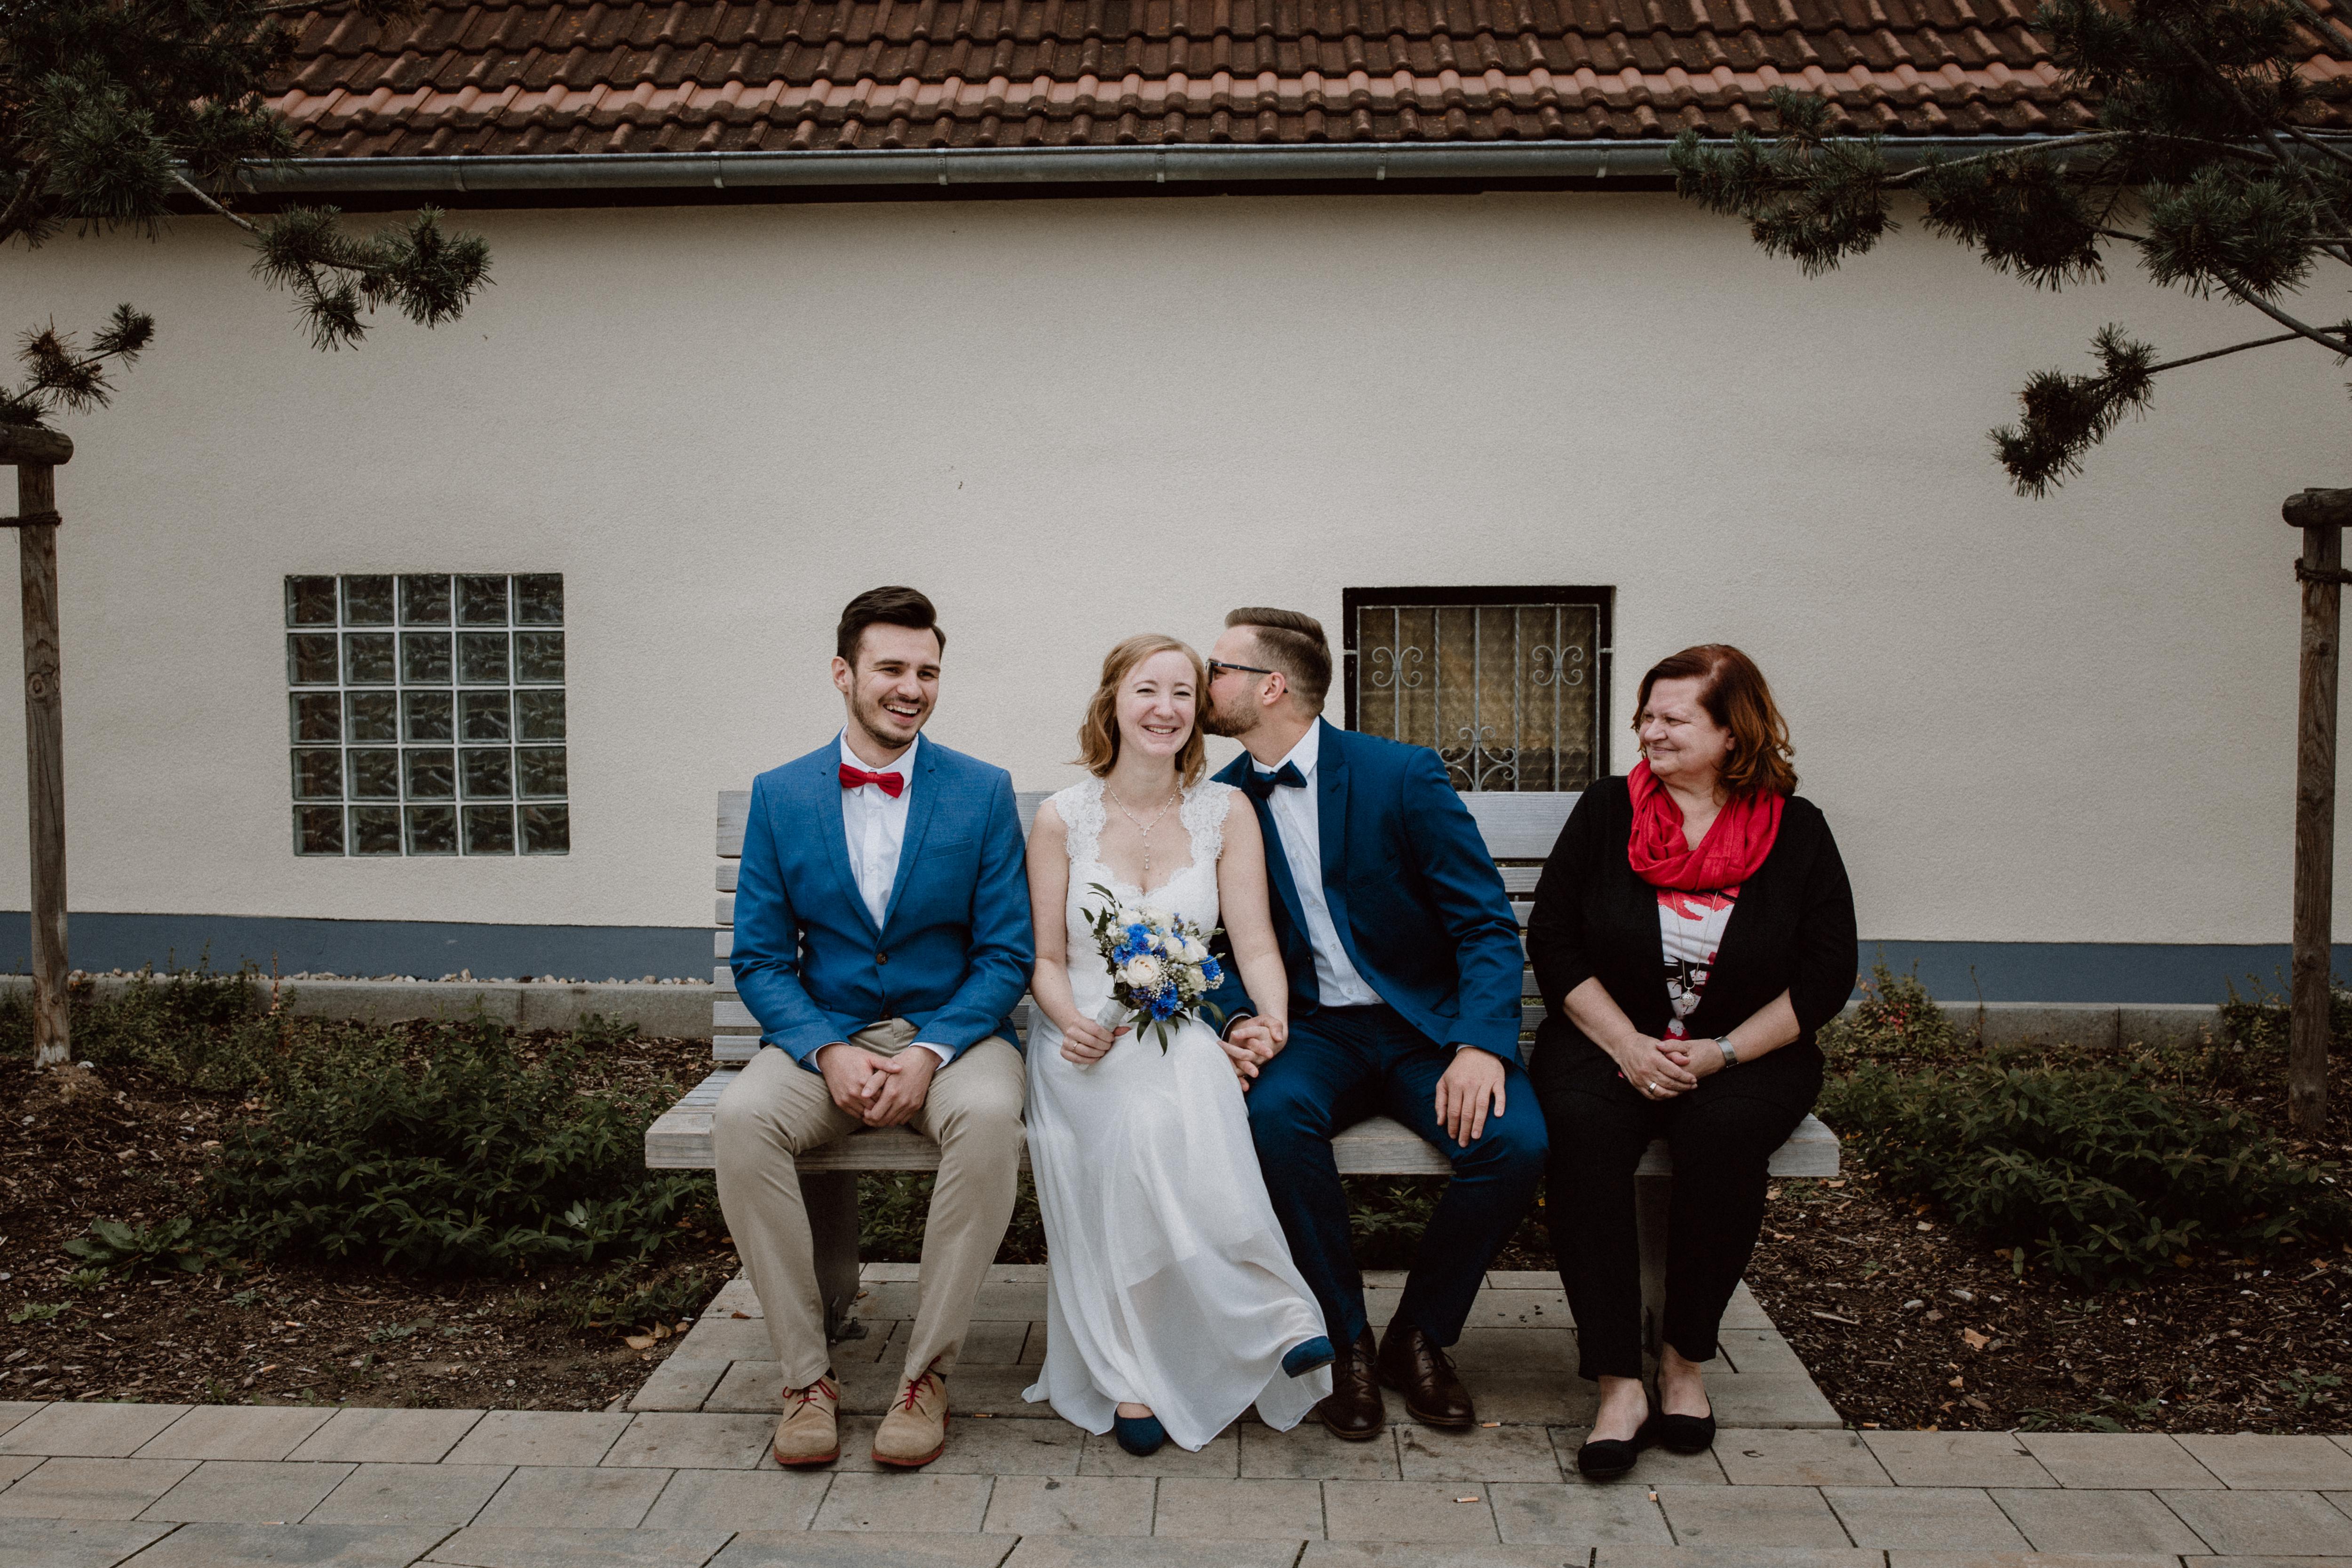 URBANERIE_Daniela_Goth_Hochzeitsfotografin_Nürnberg_Fürth_Erlangen_Schwabach_17907_0364